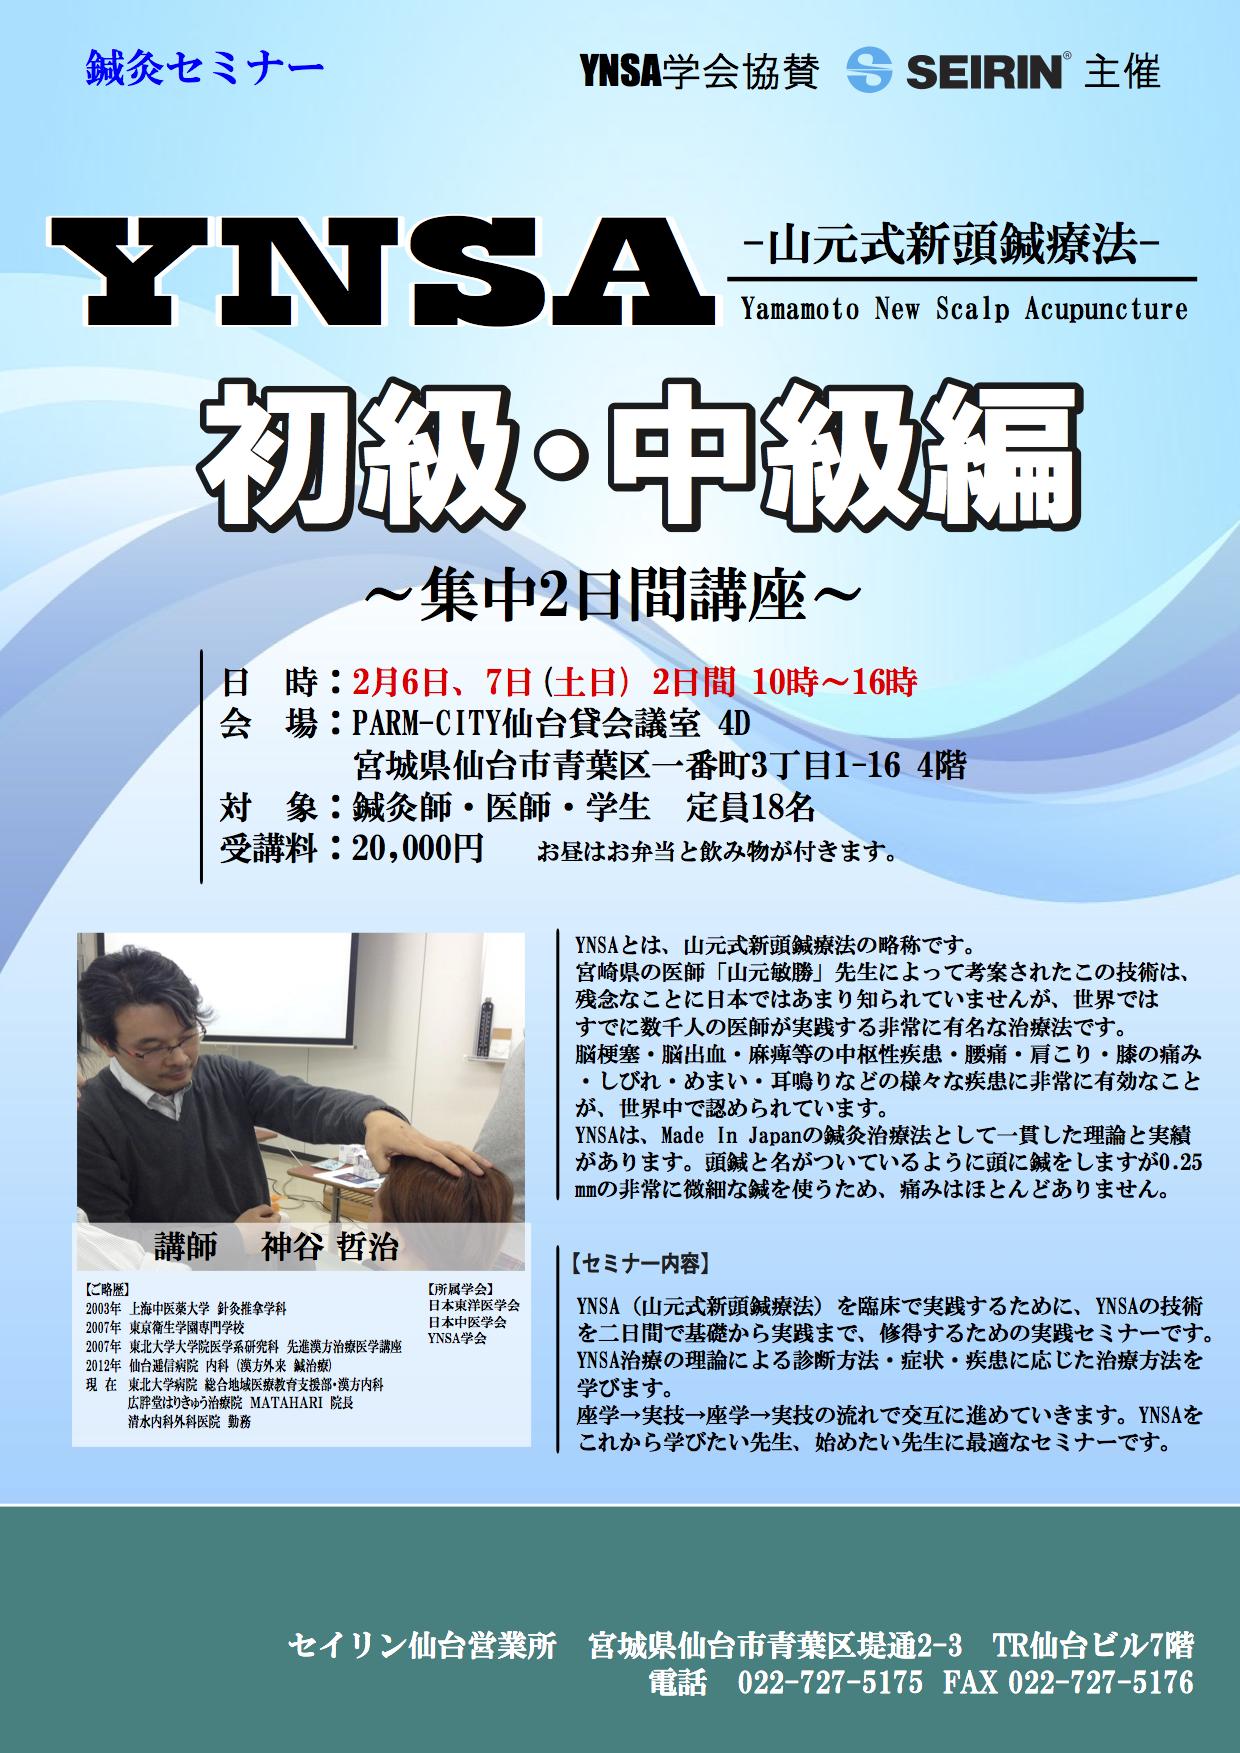 | 宮城県仙台市 セイリン主催 山元式新頭鍼療法YNSAセミナー初級編・中級編 2日間